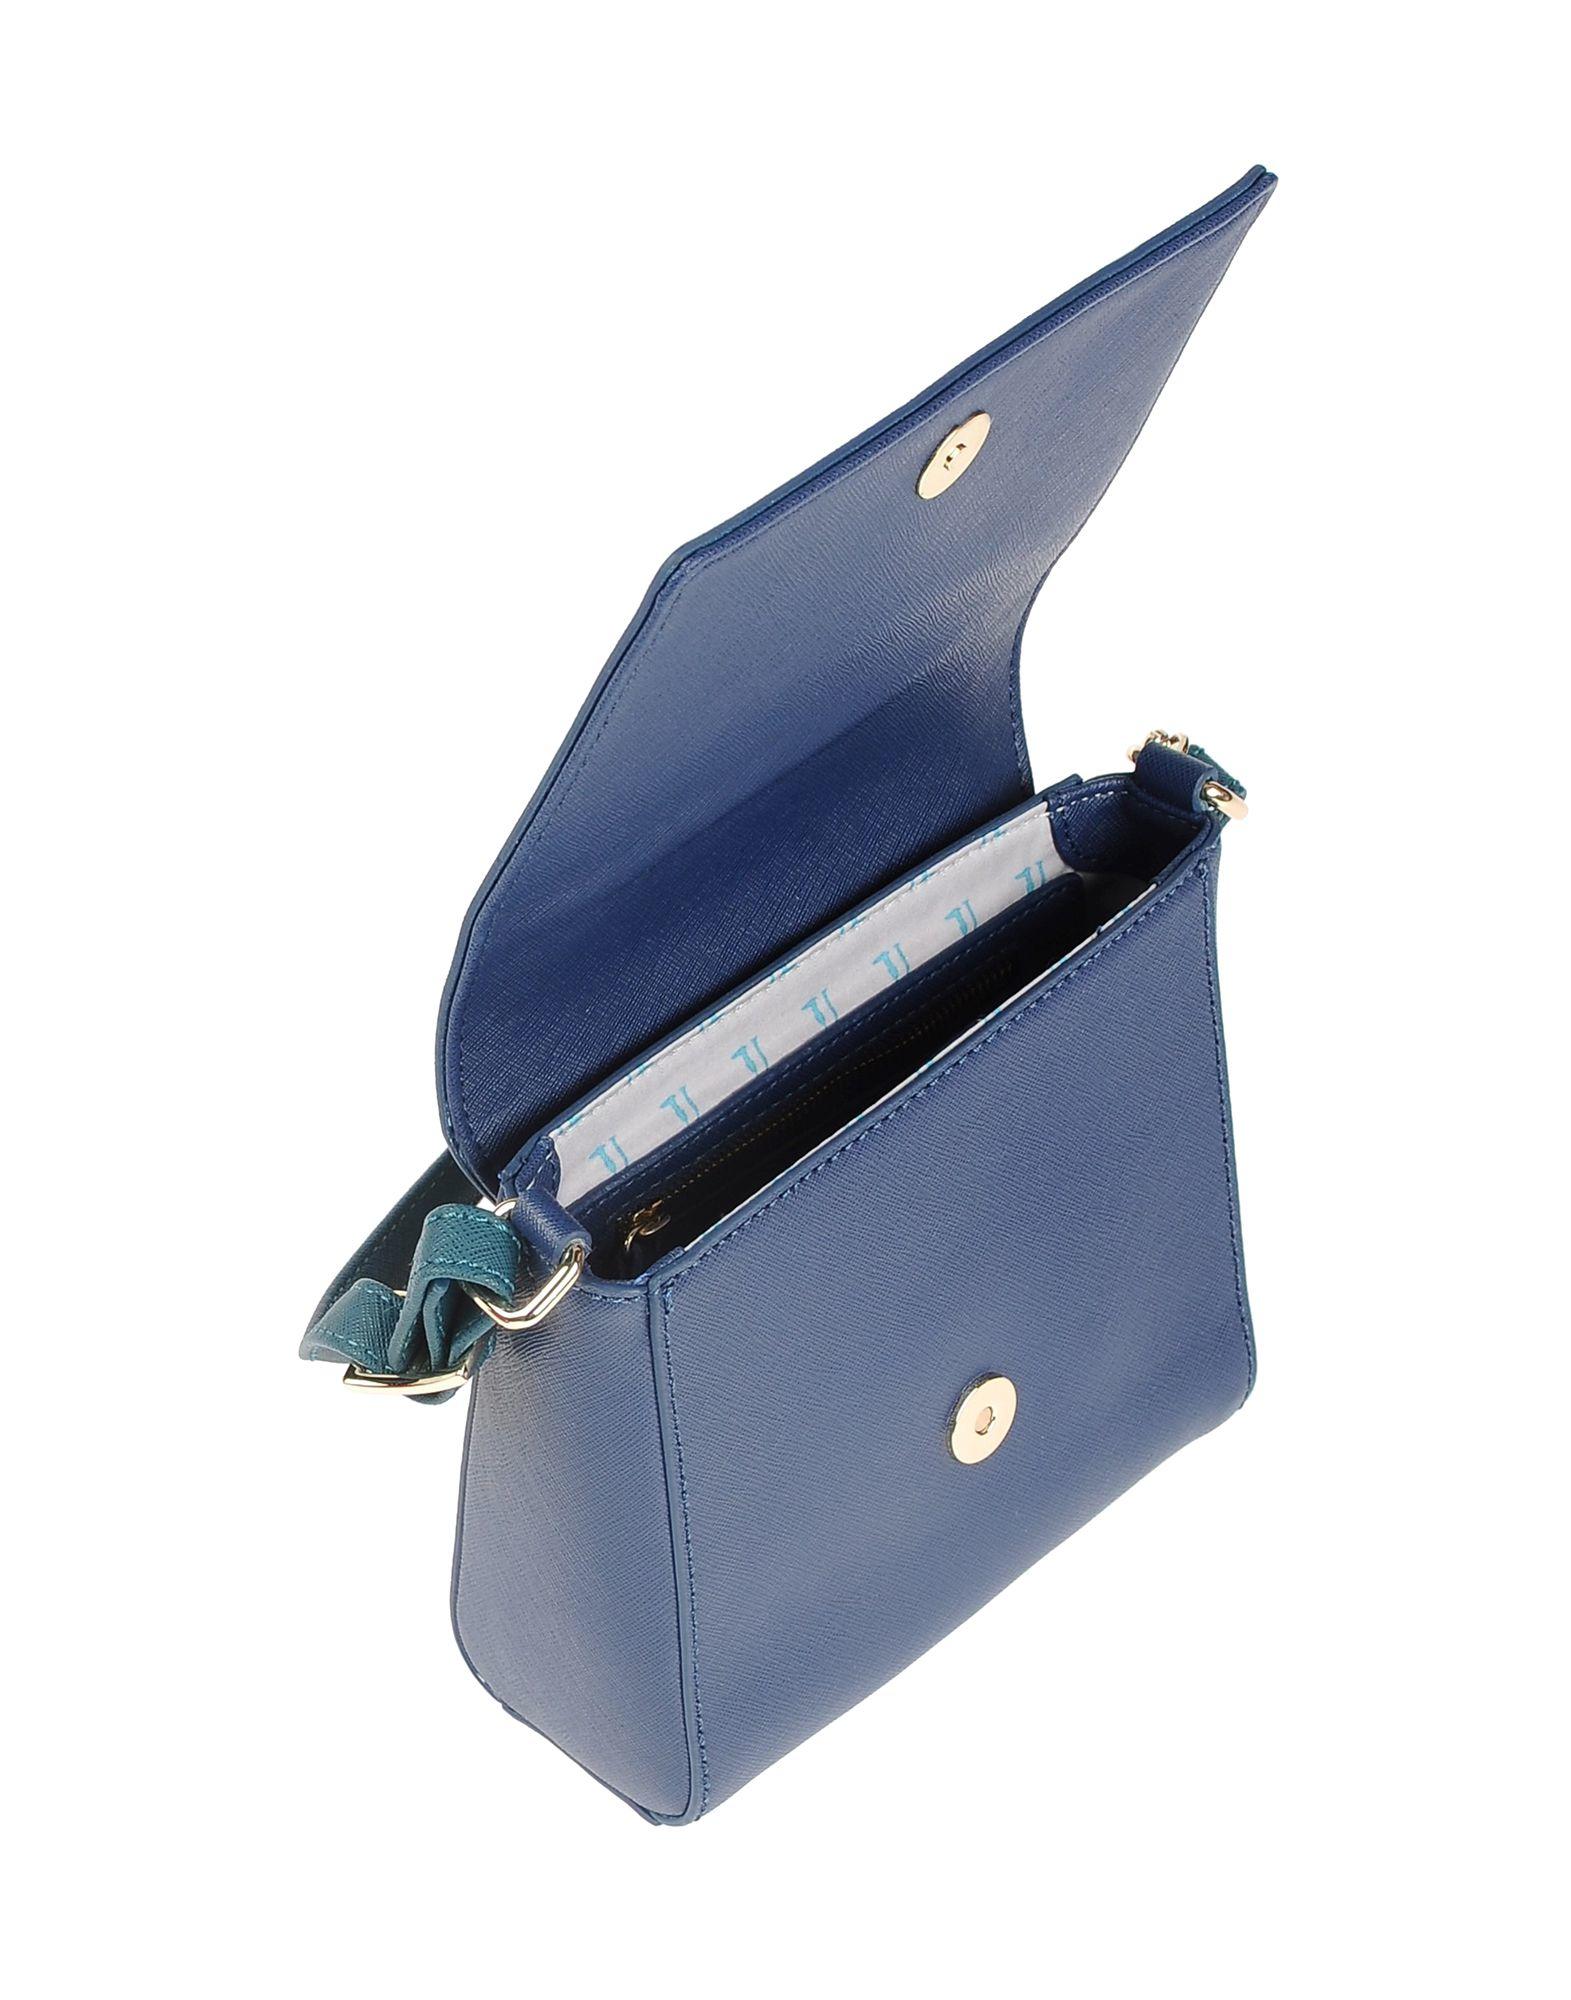 Trussardi Cross-body Bag in Slate Blue (Blue)